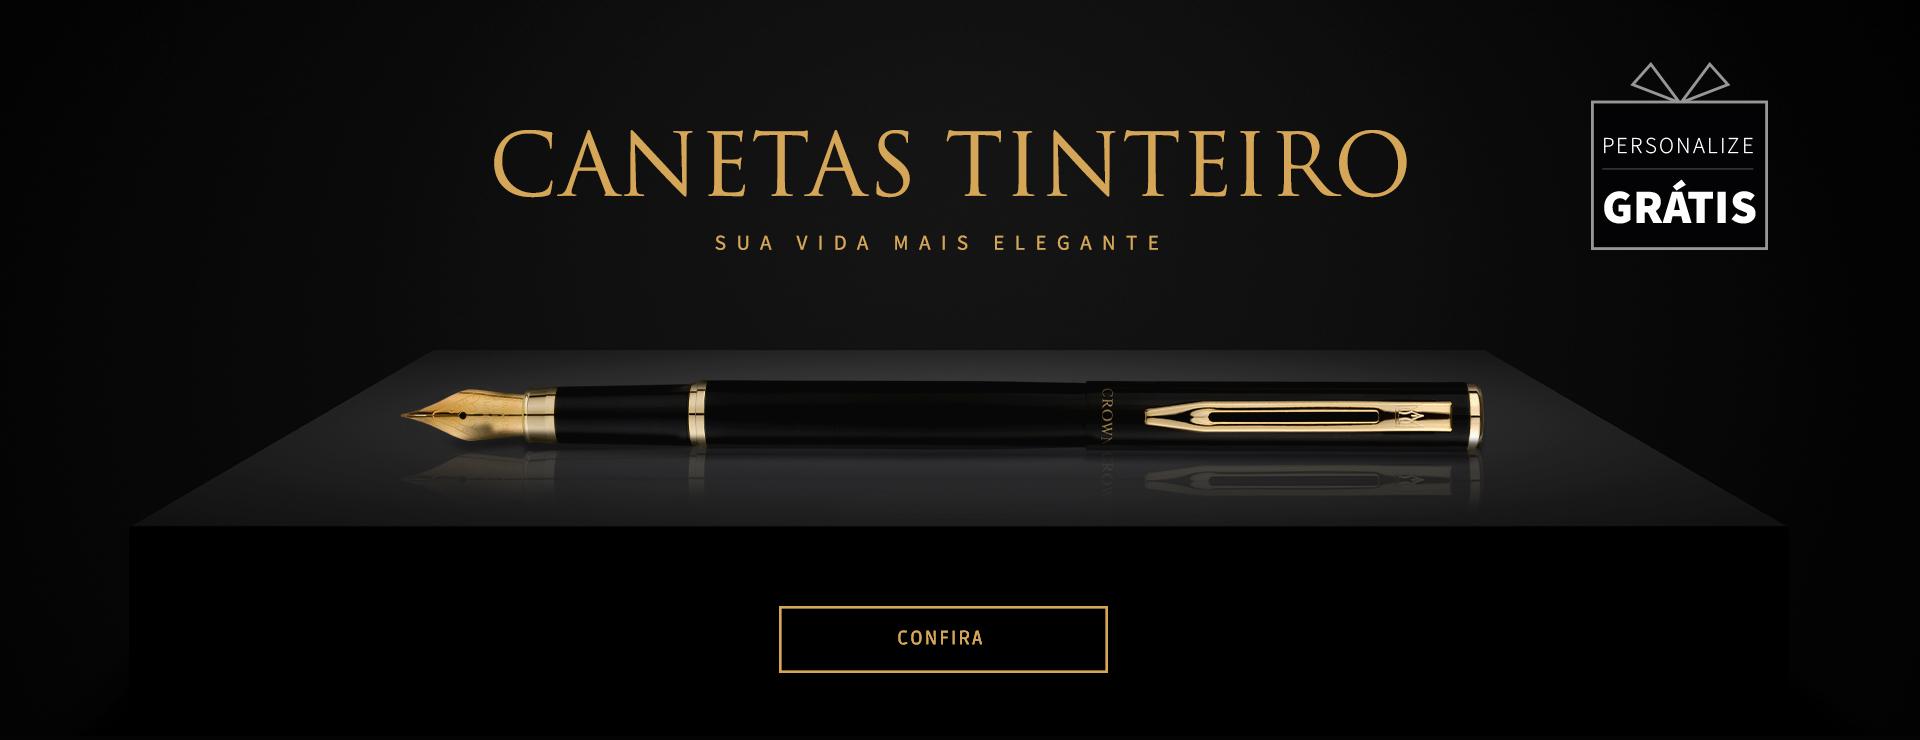 banner-caneta-tinteiro-desktop